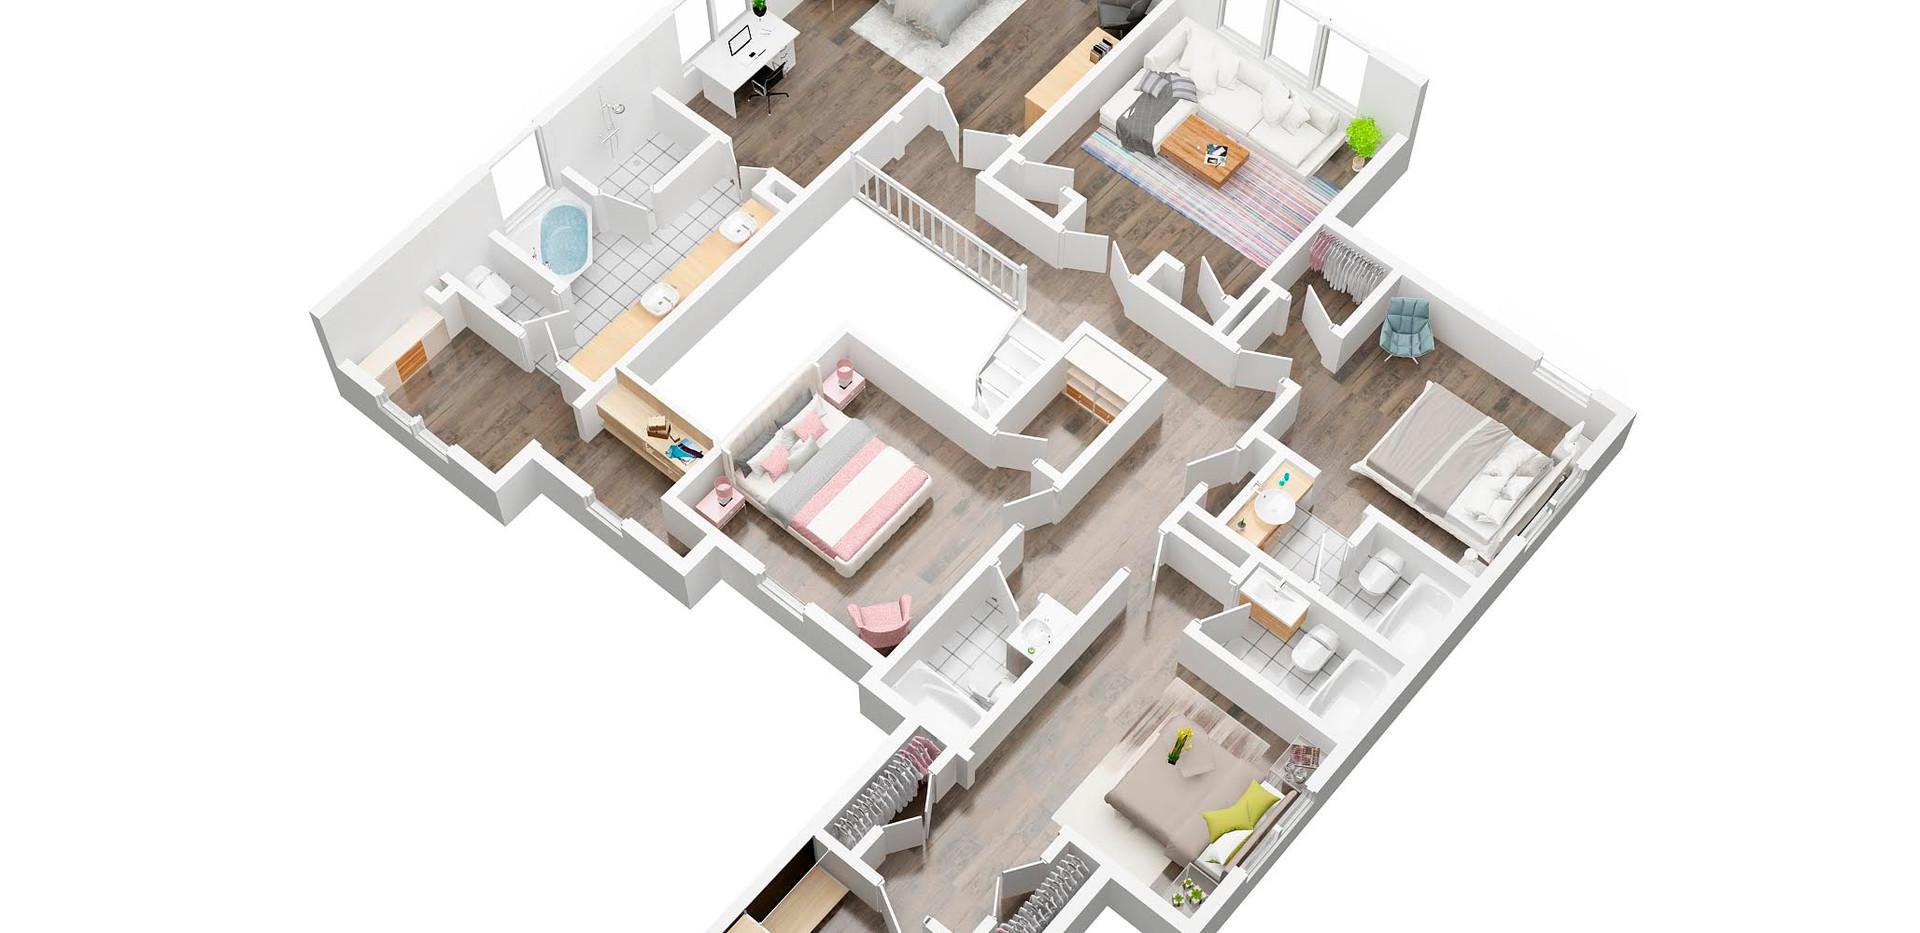 Leapfrogsales_2st floor_3D  floor plan